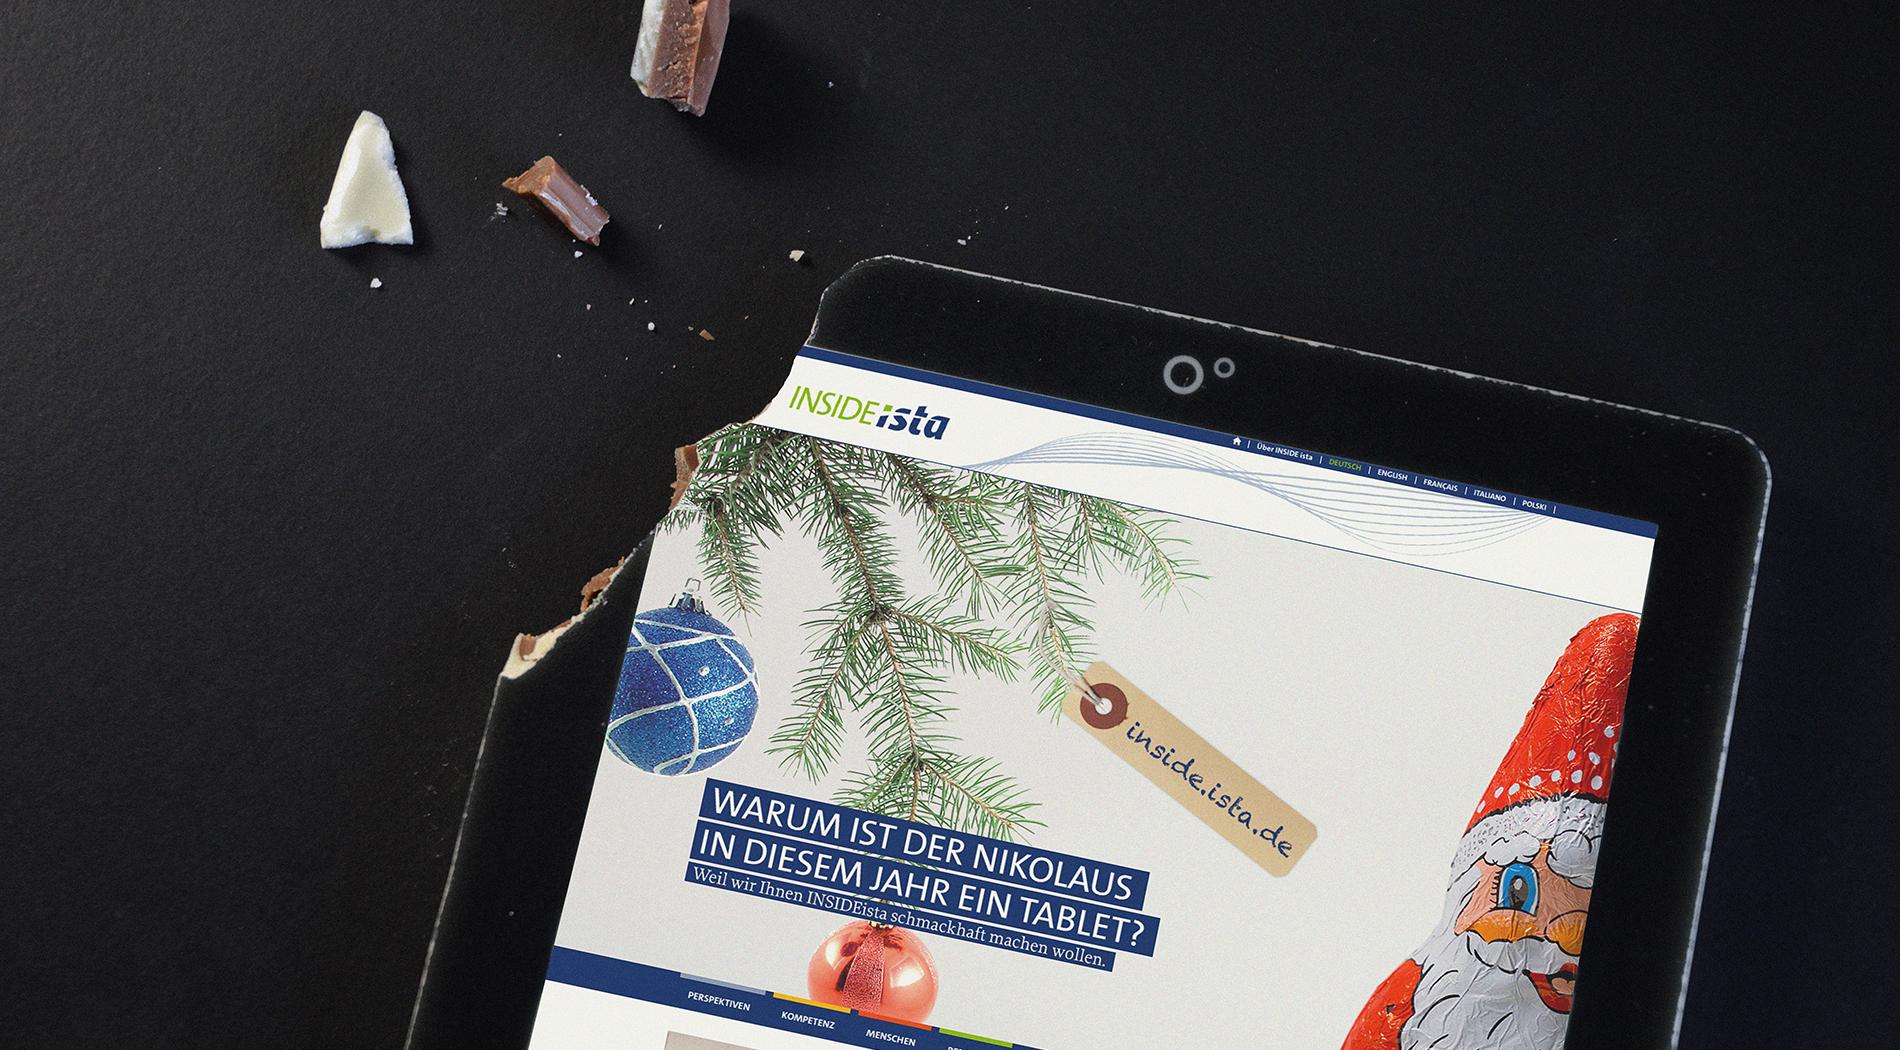 Der Abschied vom heiß geliebten Print-Magazin wird den ista Mitarbeitern mit einem Tablet aus Schokolade schmackhaft gemacht